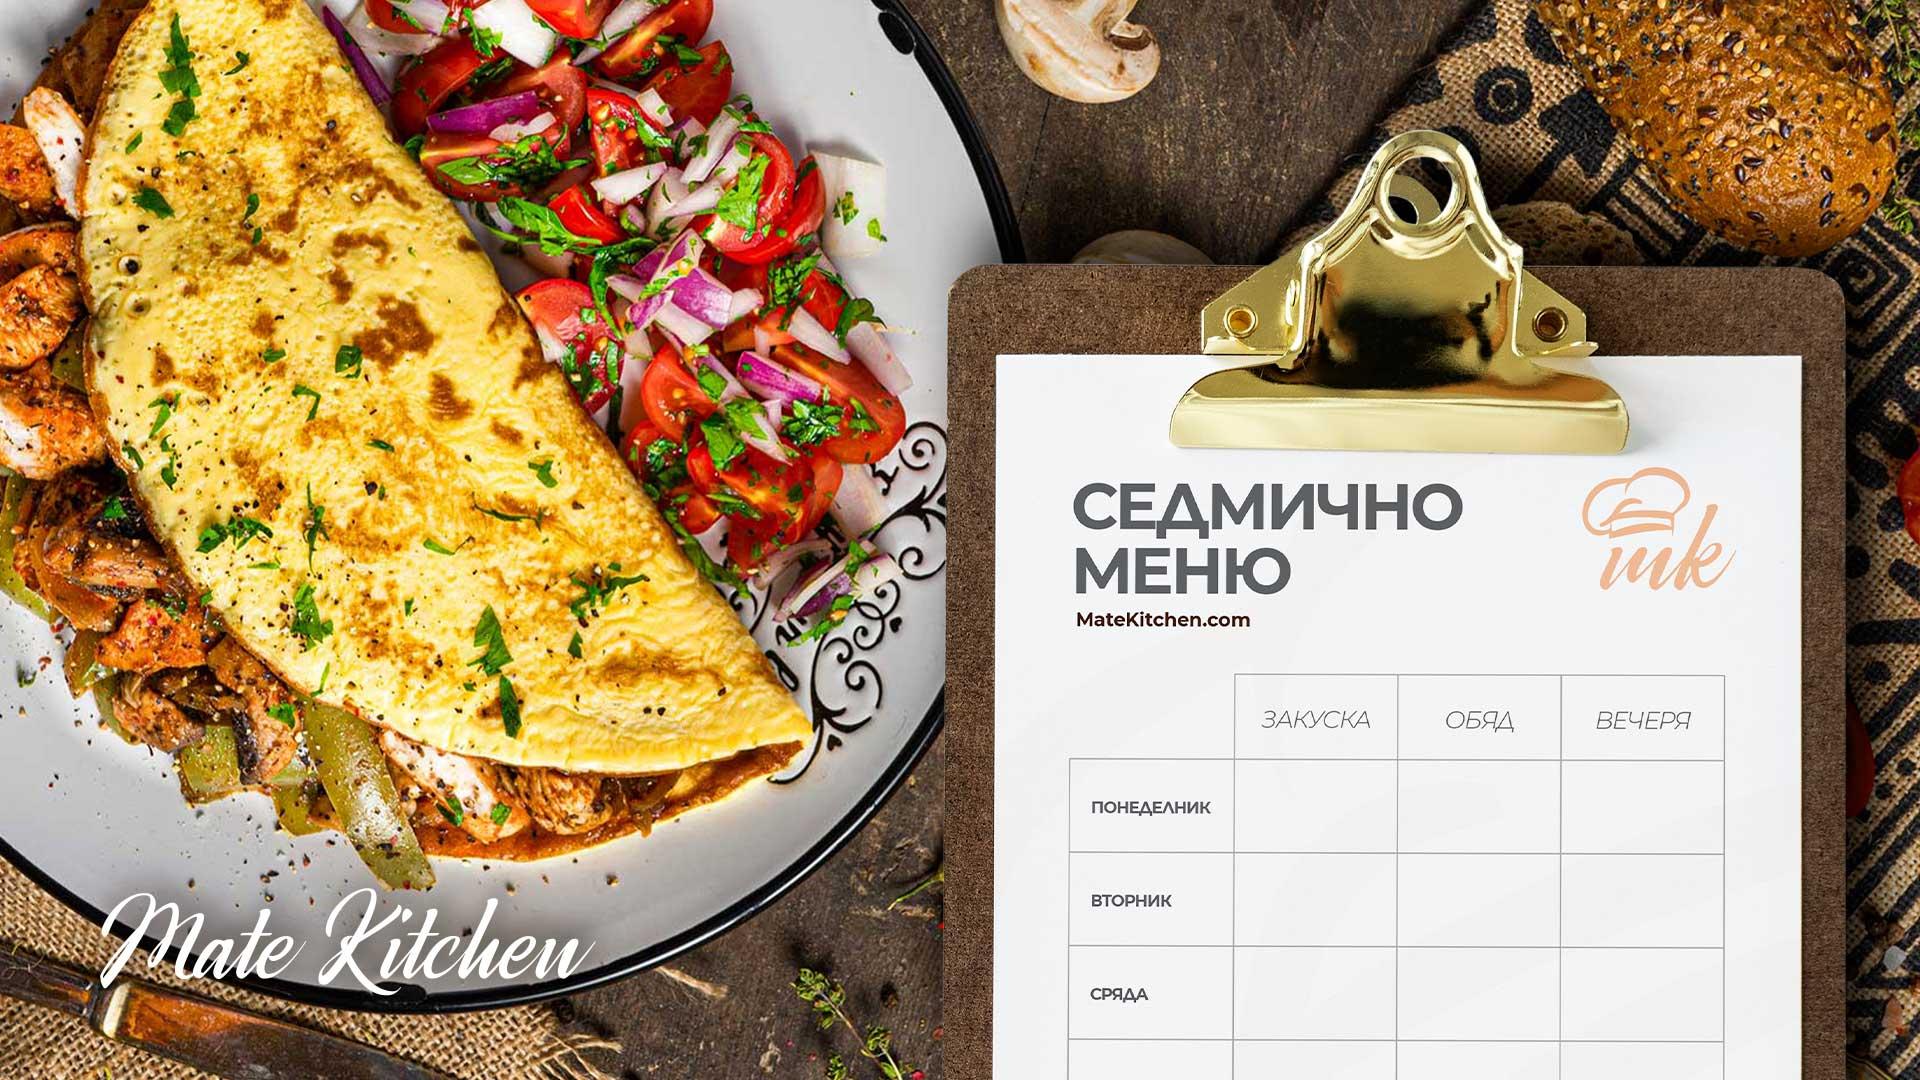 Бланка за седмично меню от Mate Kitchen на фона на пилешка кавърма в омлет